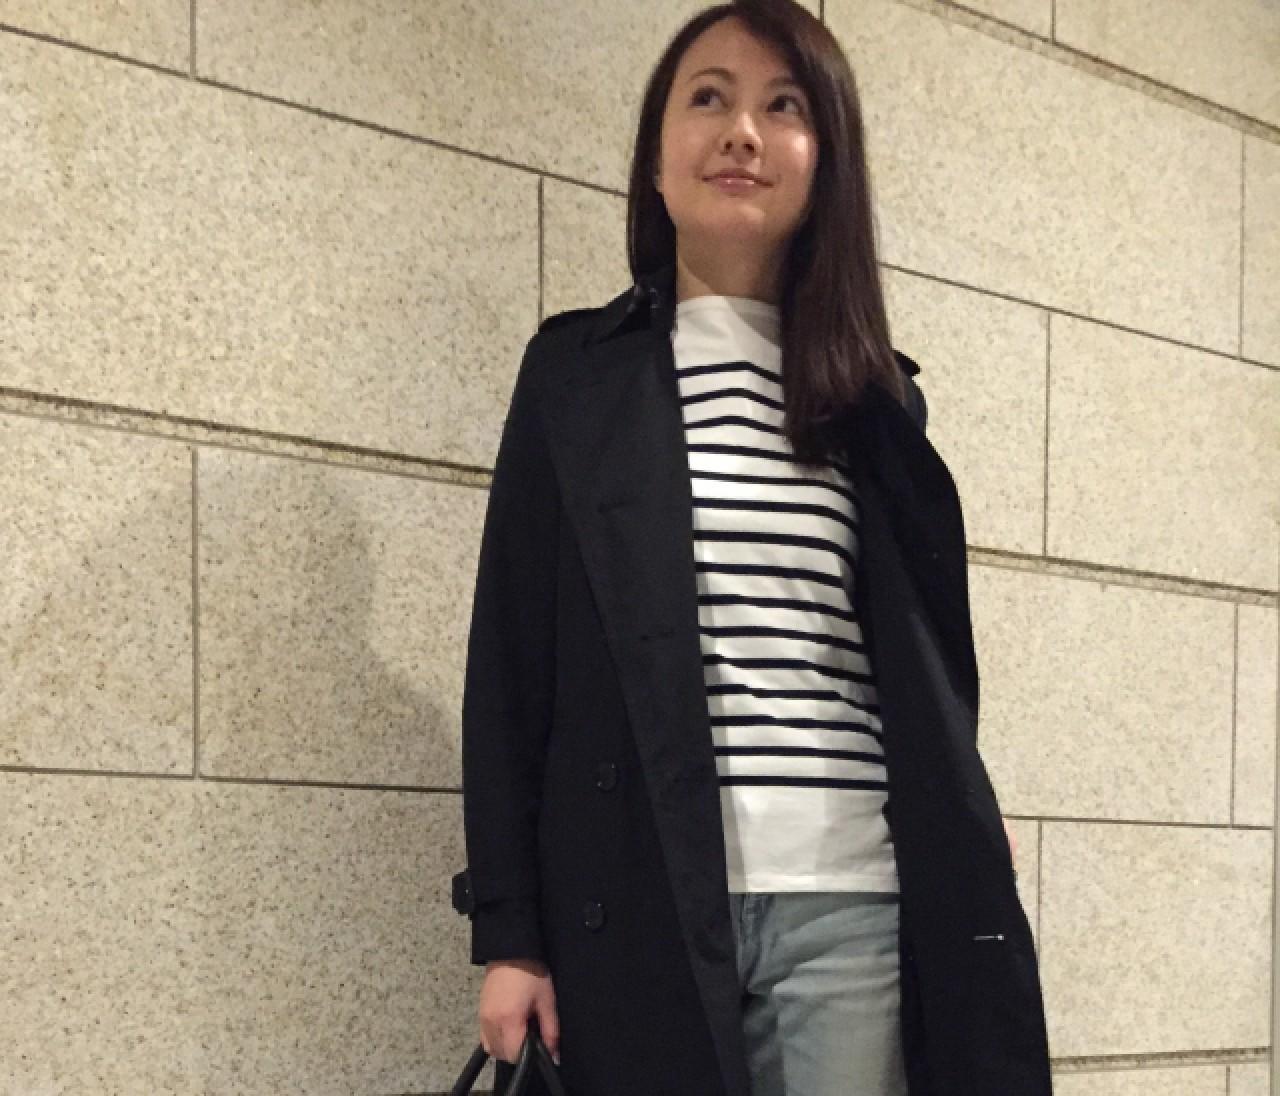 【#ときめきトレンチ #OOTD】石井恵梨子さん